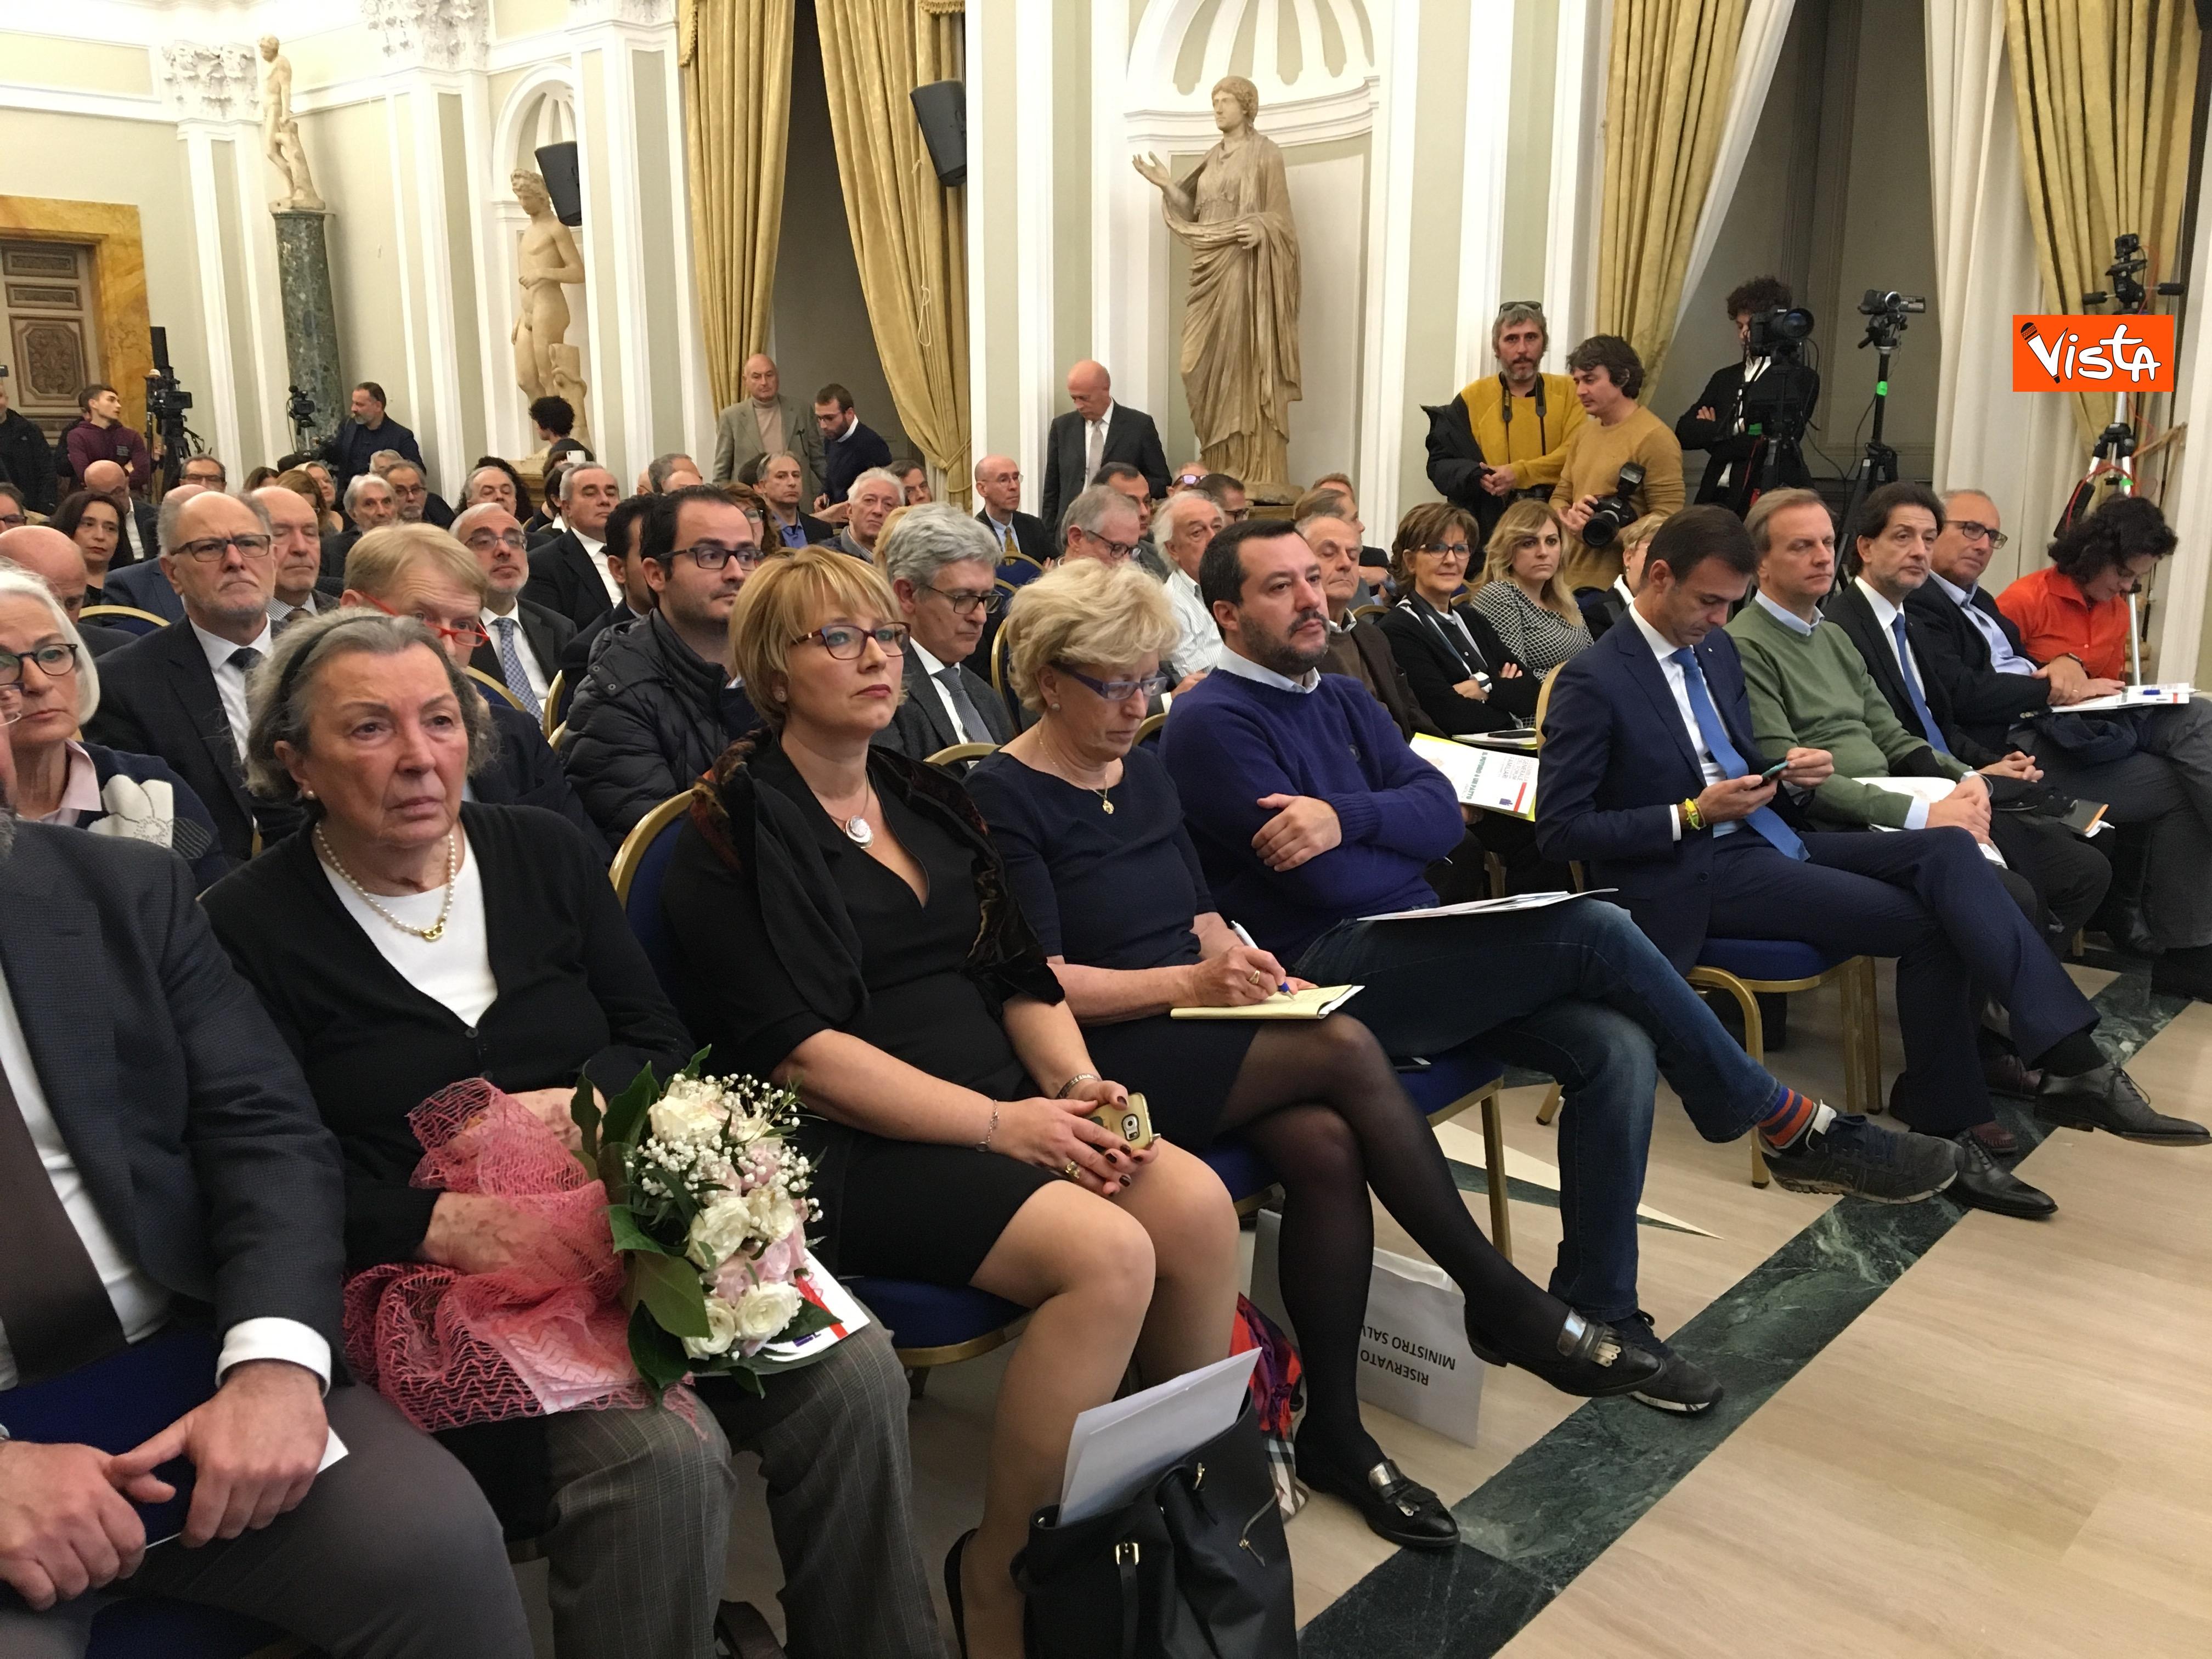 24-11-18 Forum associazioni familiari con Salvini immagini_07